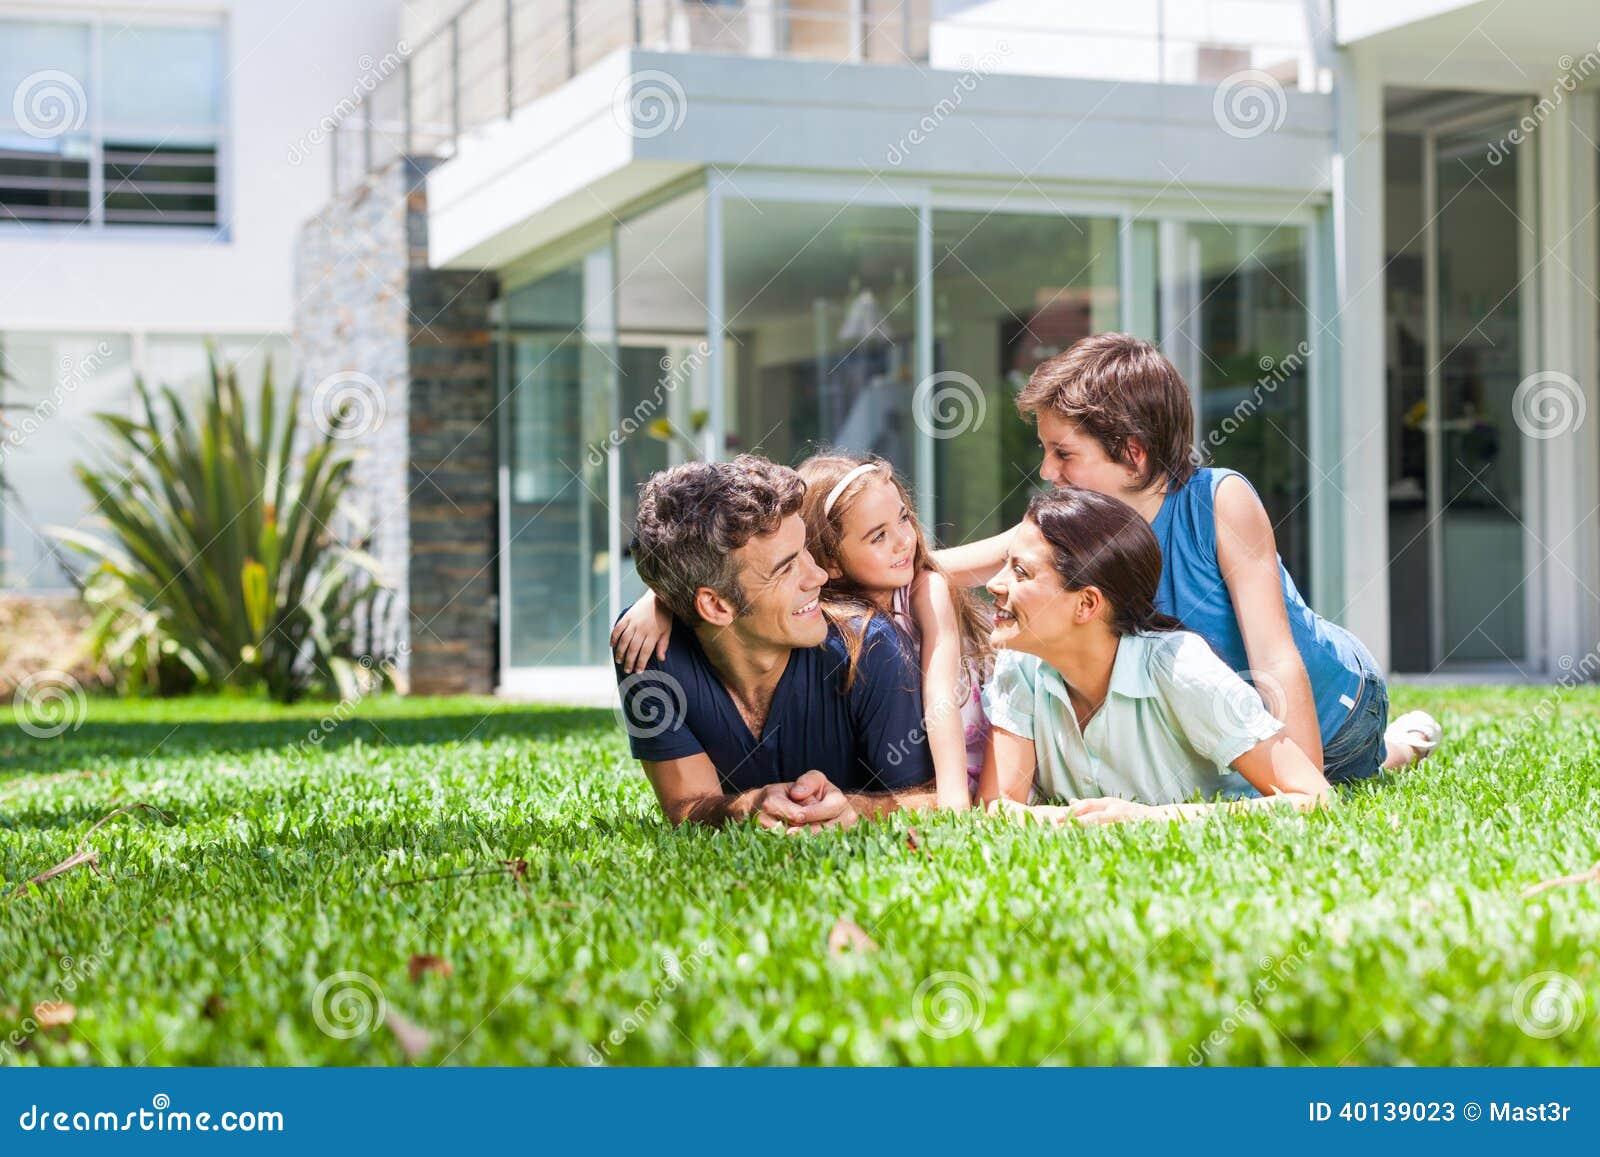 Οικογένεια στο μεγάλο σπίτι